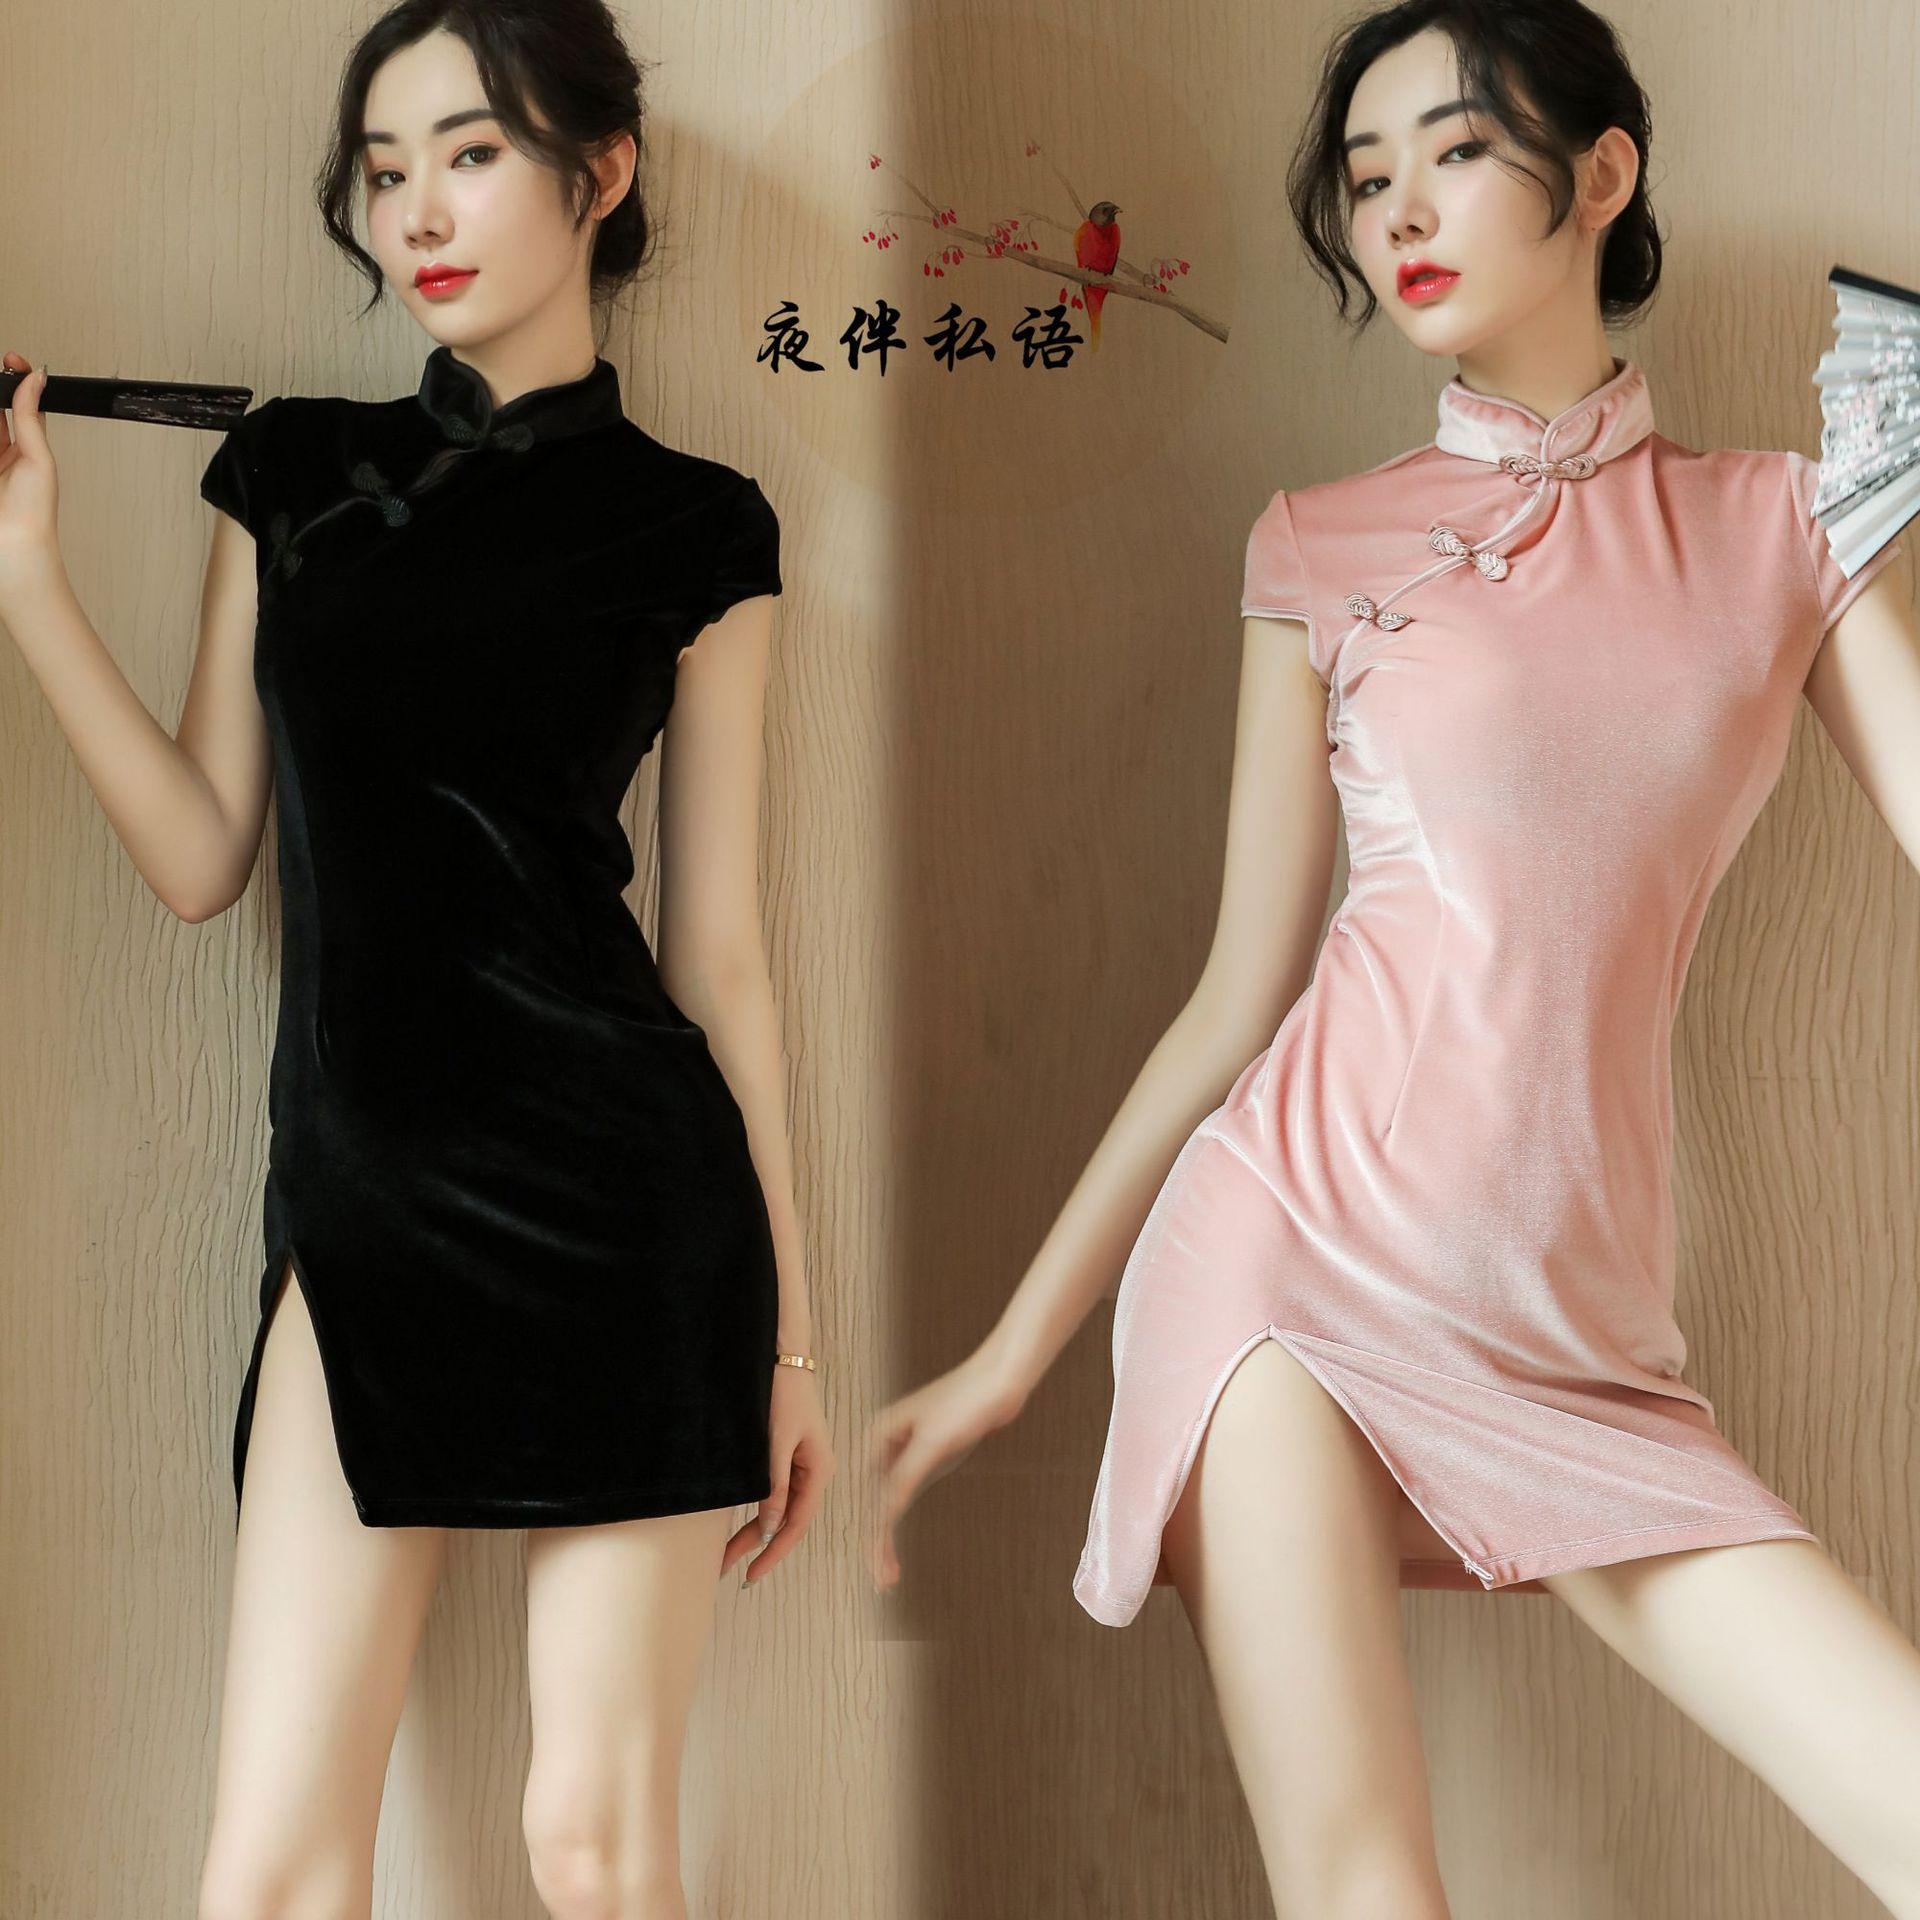 旗袍清新少女短袖情趣内衣春夏季连衣裙时尚改良气质修身旗袍裙·